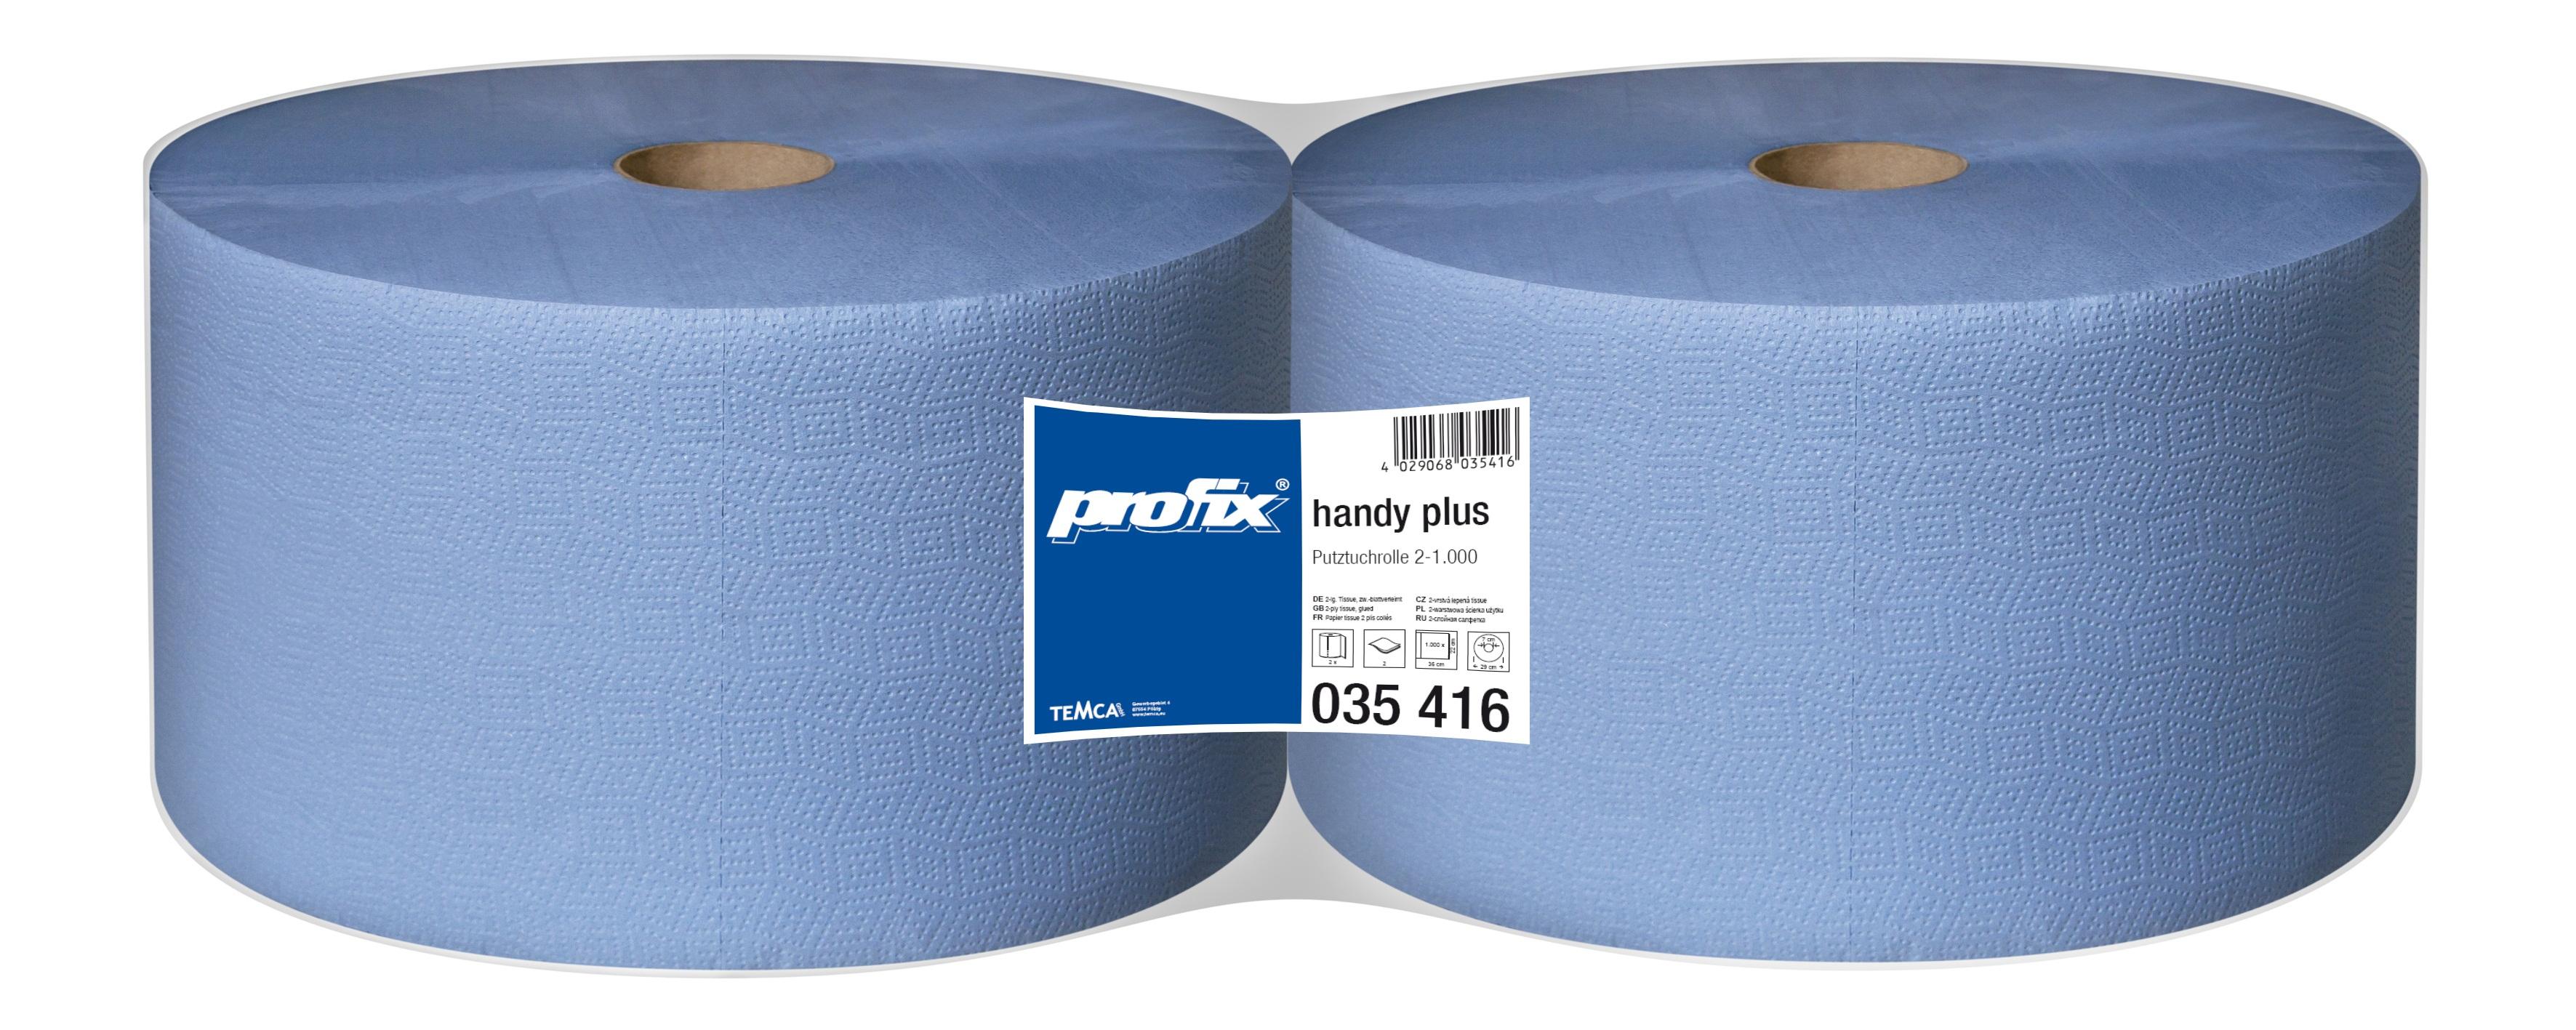 Papírové utěrky v roli - T035416, 2-vrstvé, 22 x 36 cm